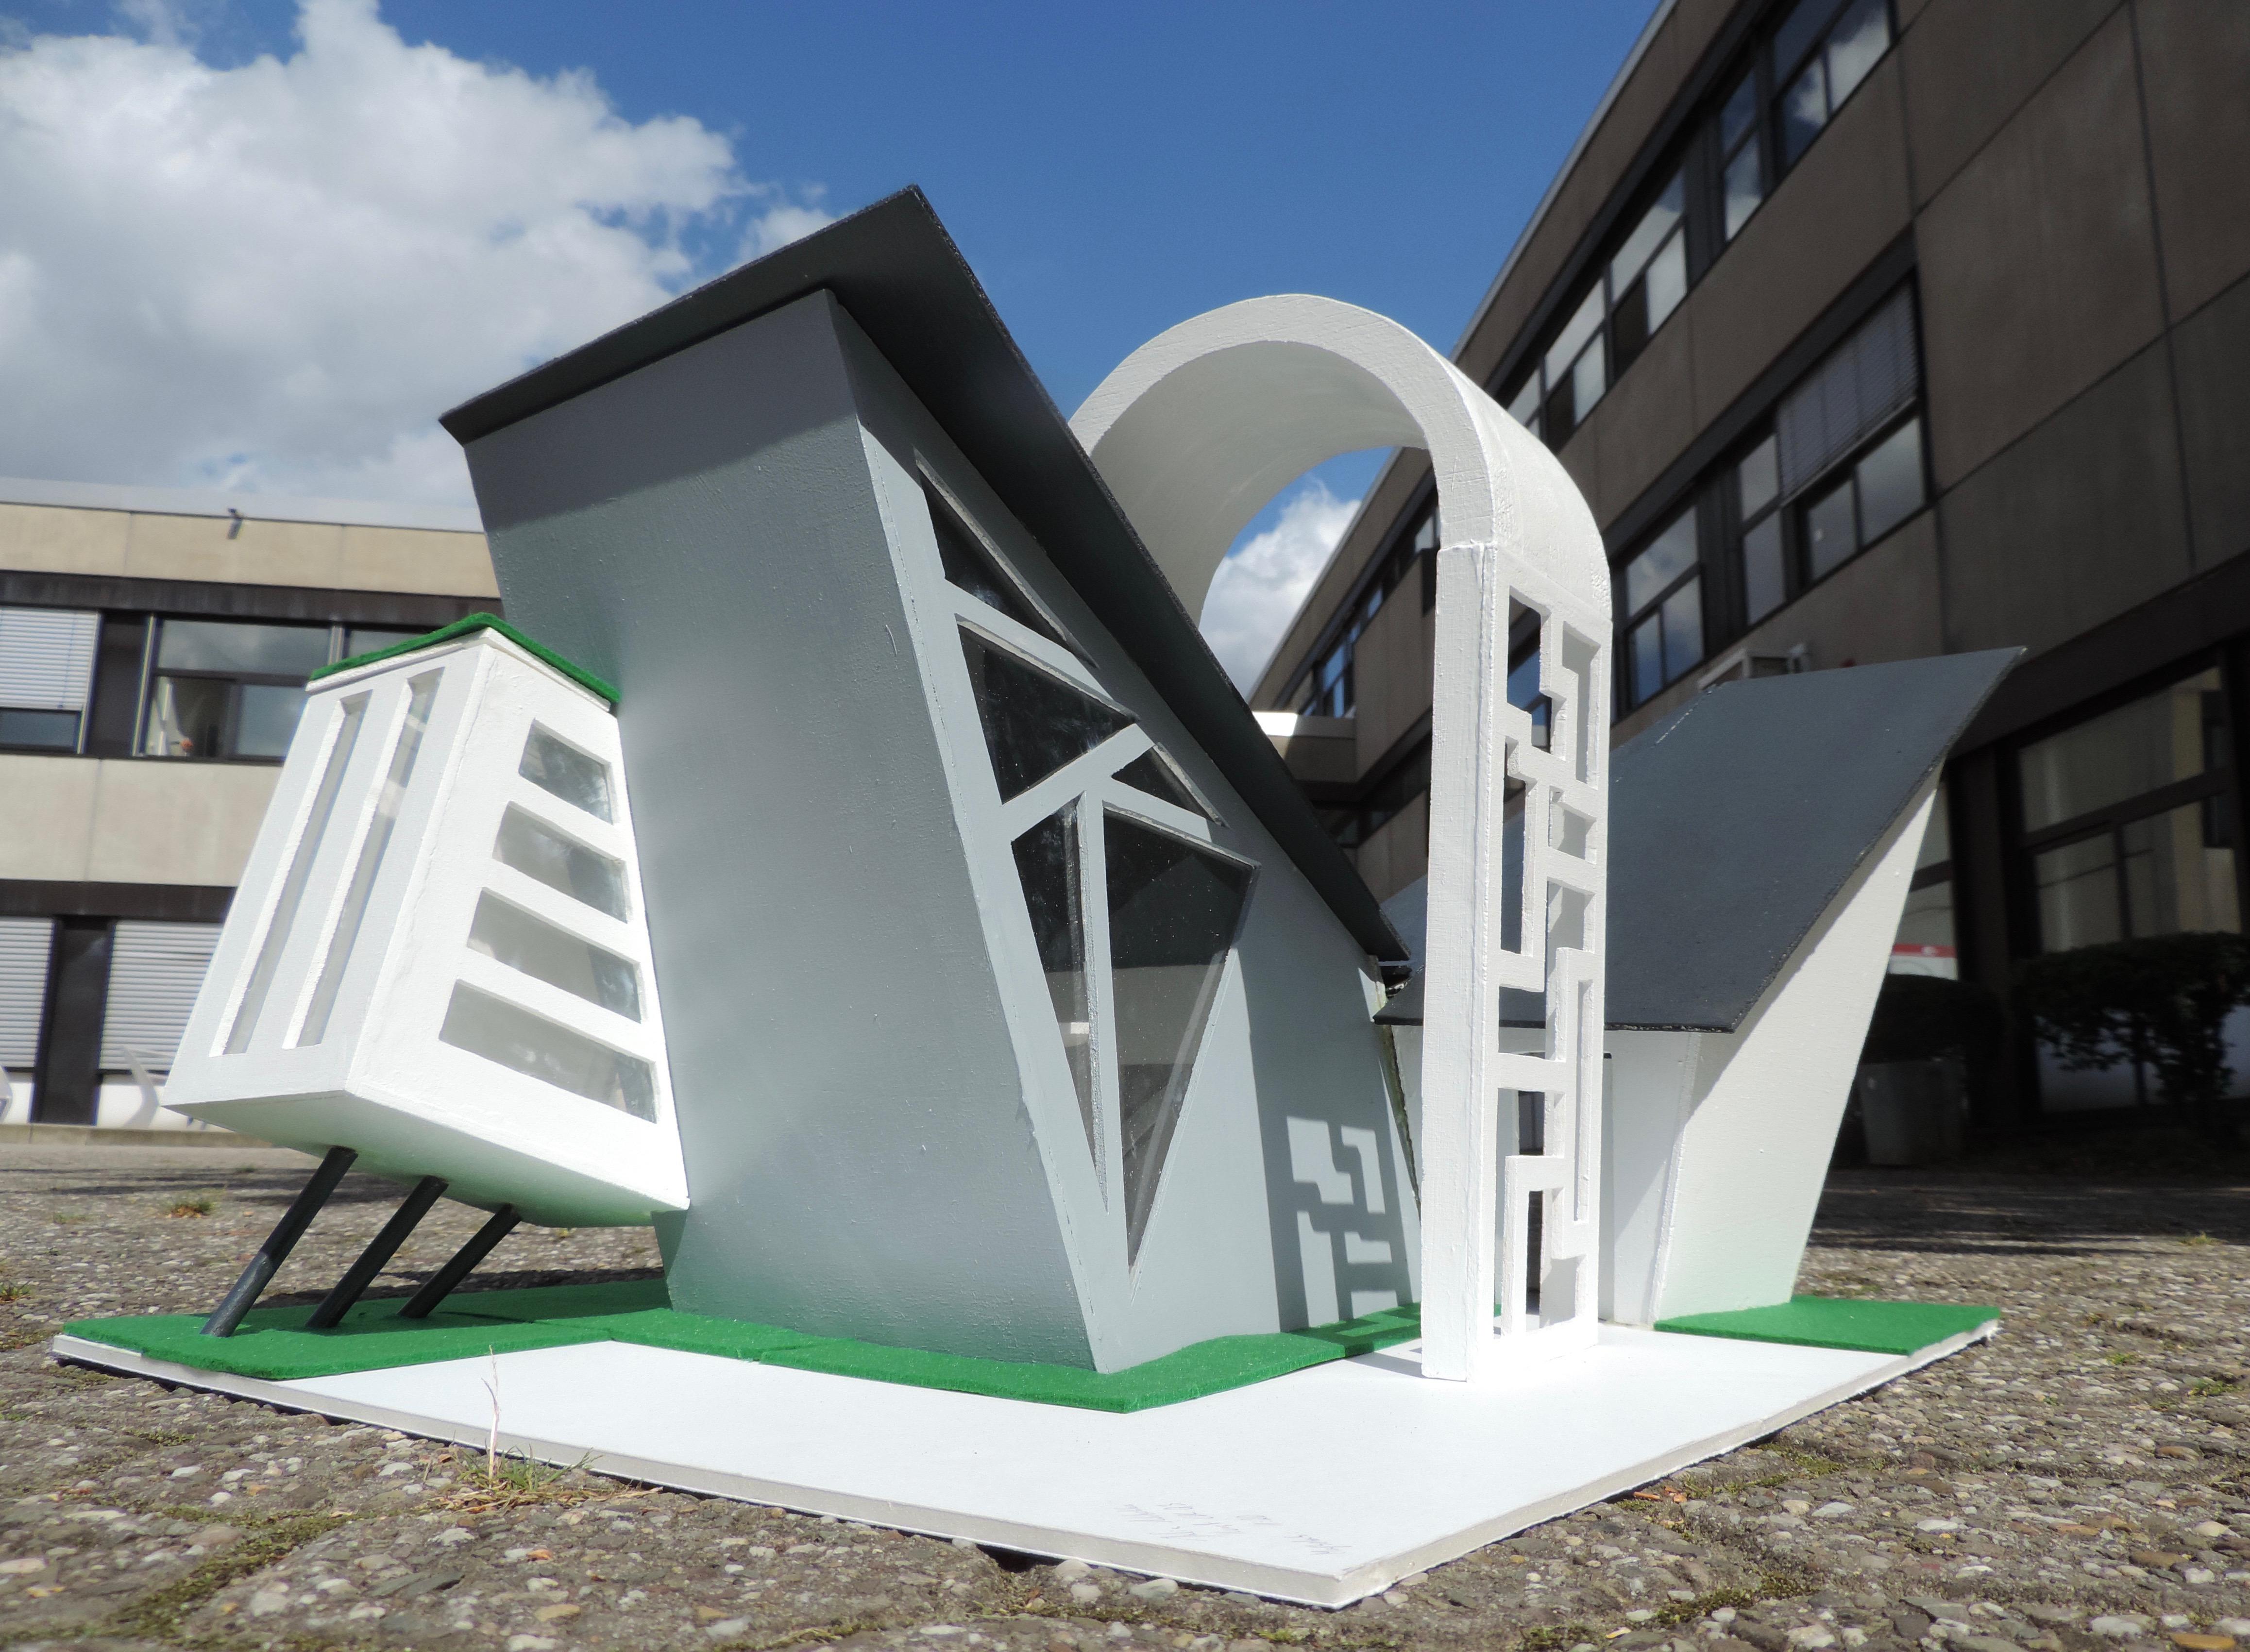 """In der Galerie am Rathaus ist die Ausstellung """"Modelle zu Tiny Houses - Wie wollen wir in Zukunft leben?"""" zu sehen."""